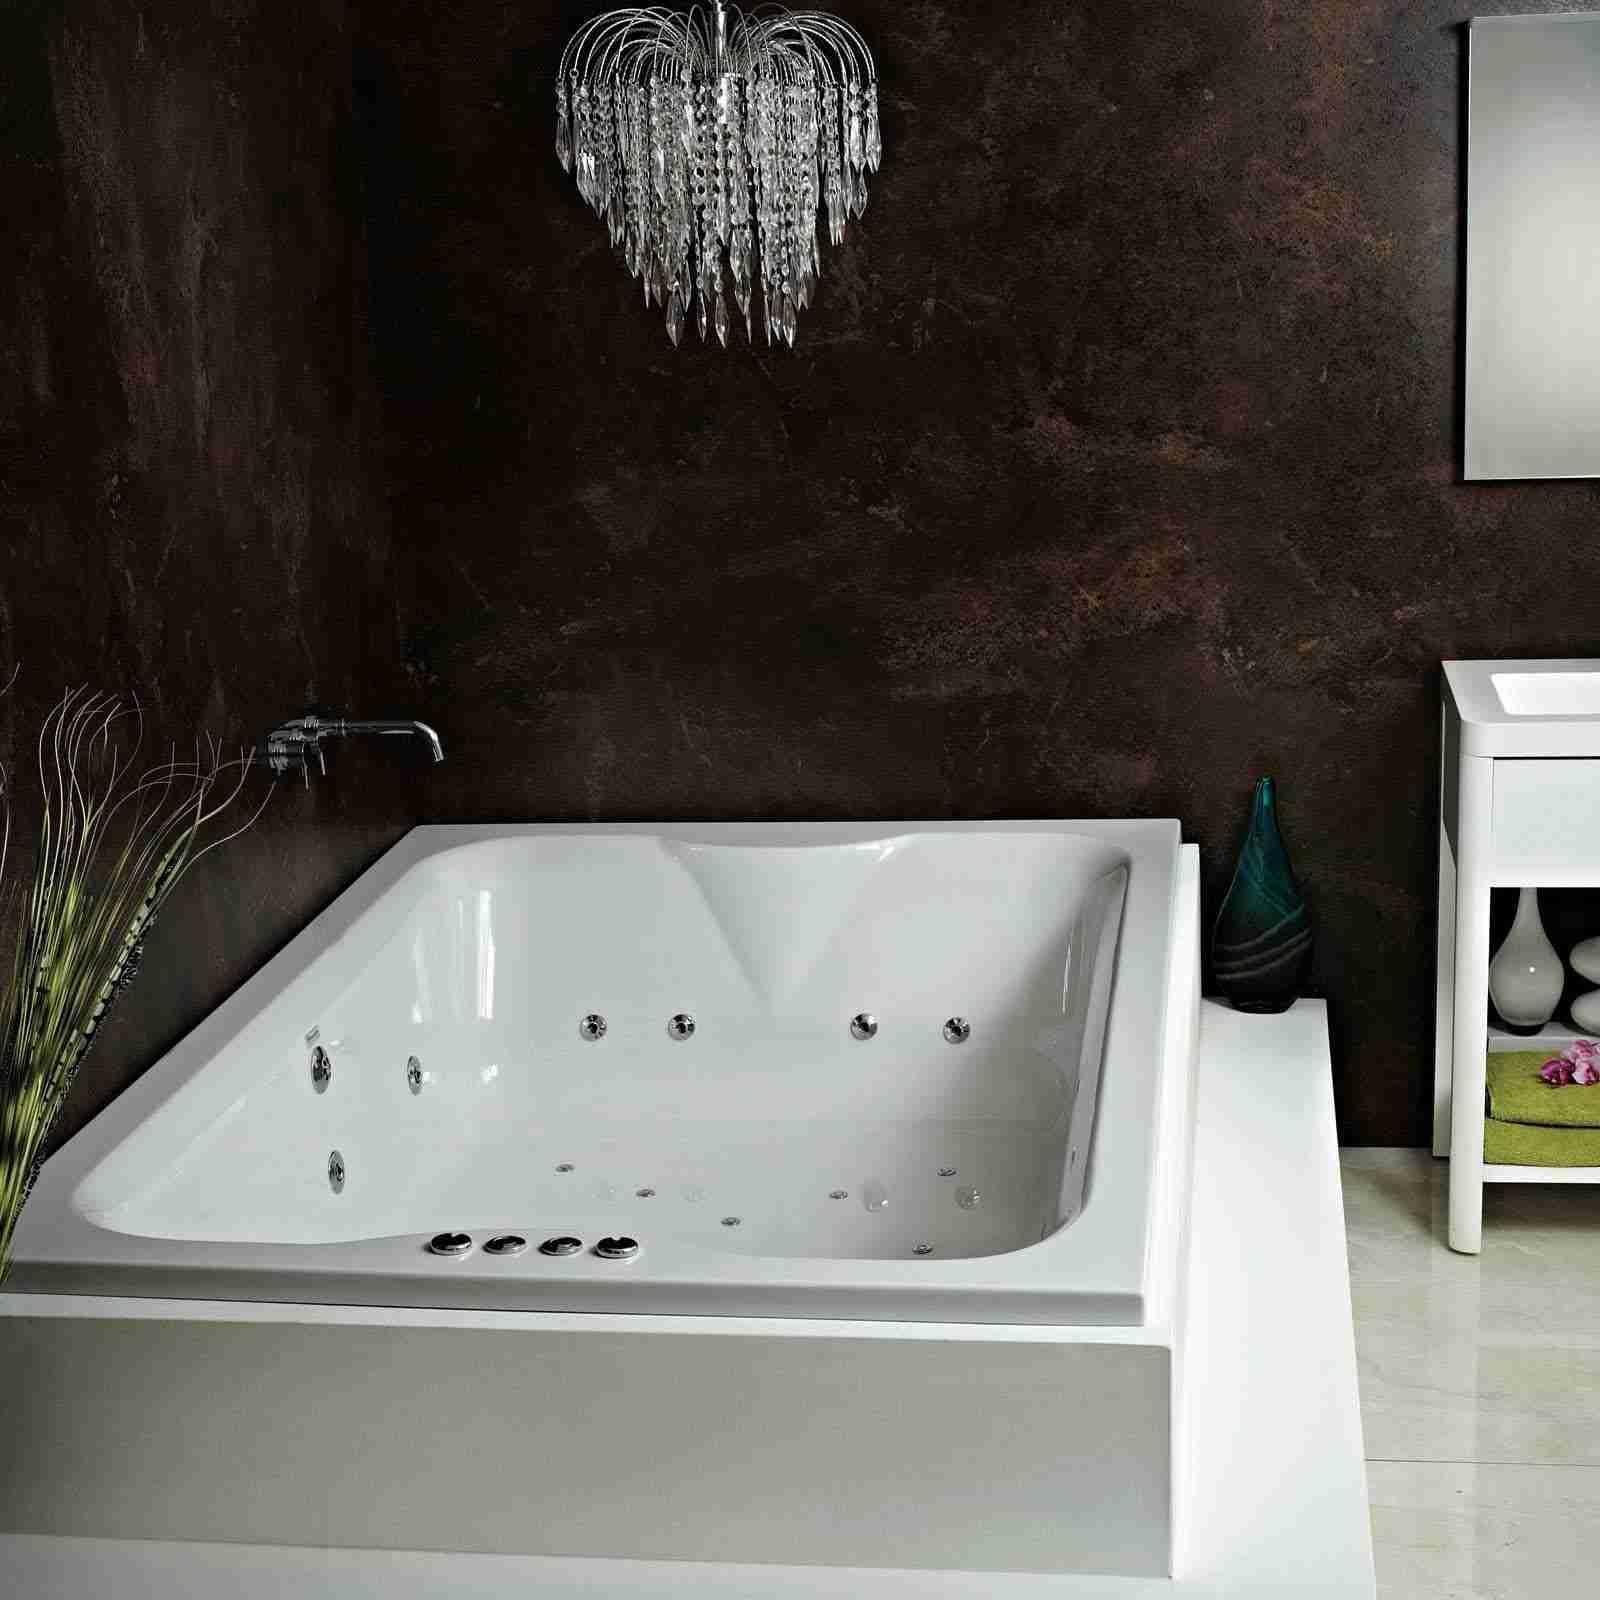 Hydrotherapy Baths | thewhirlpoolbathshop.com